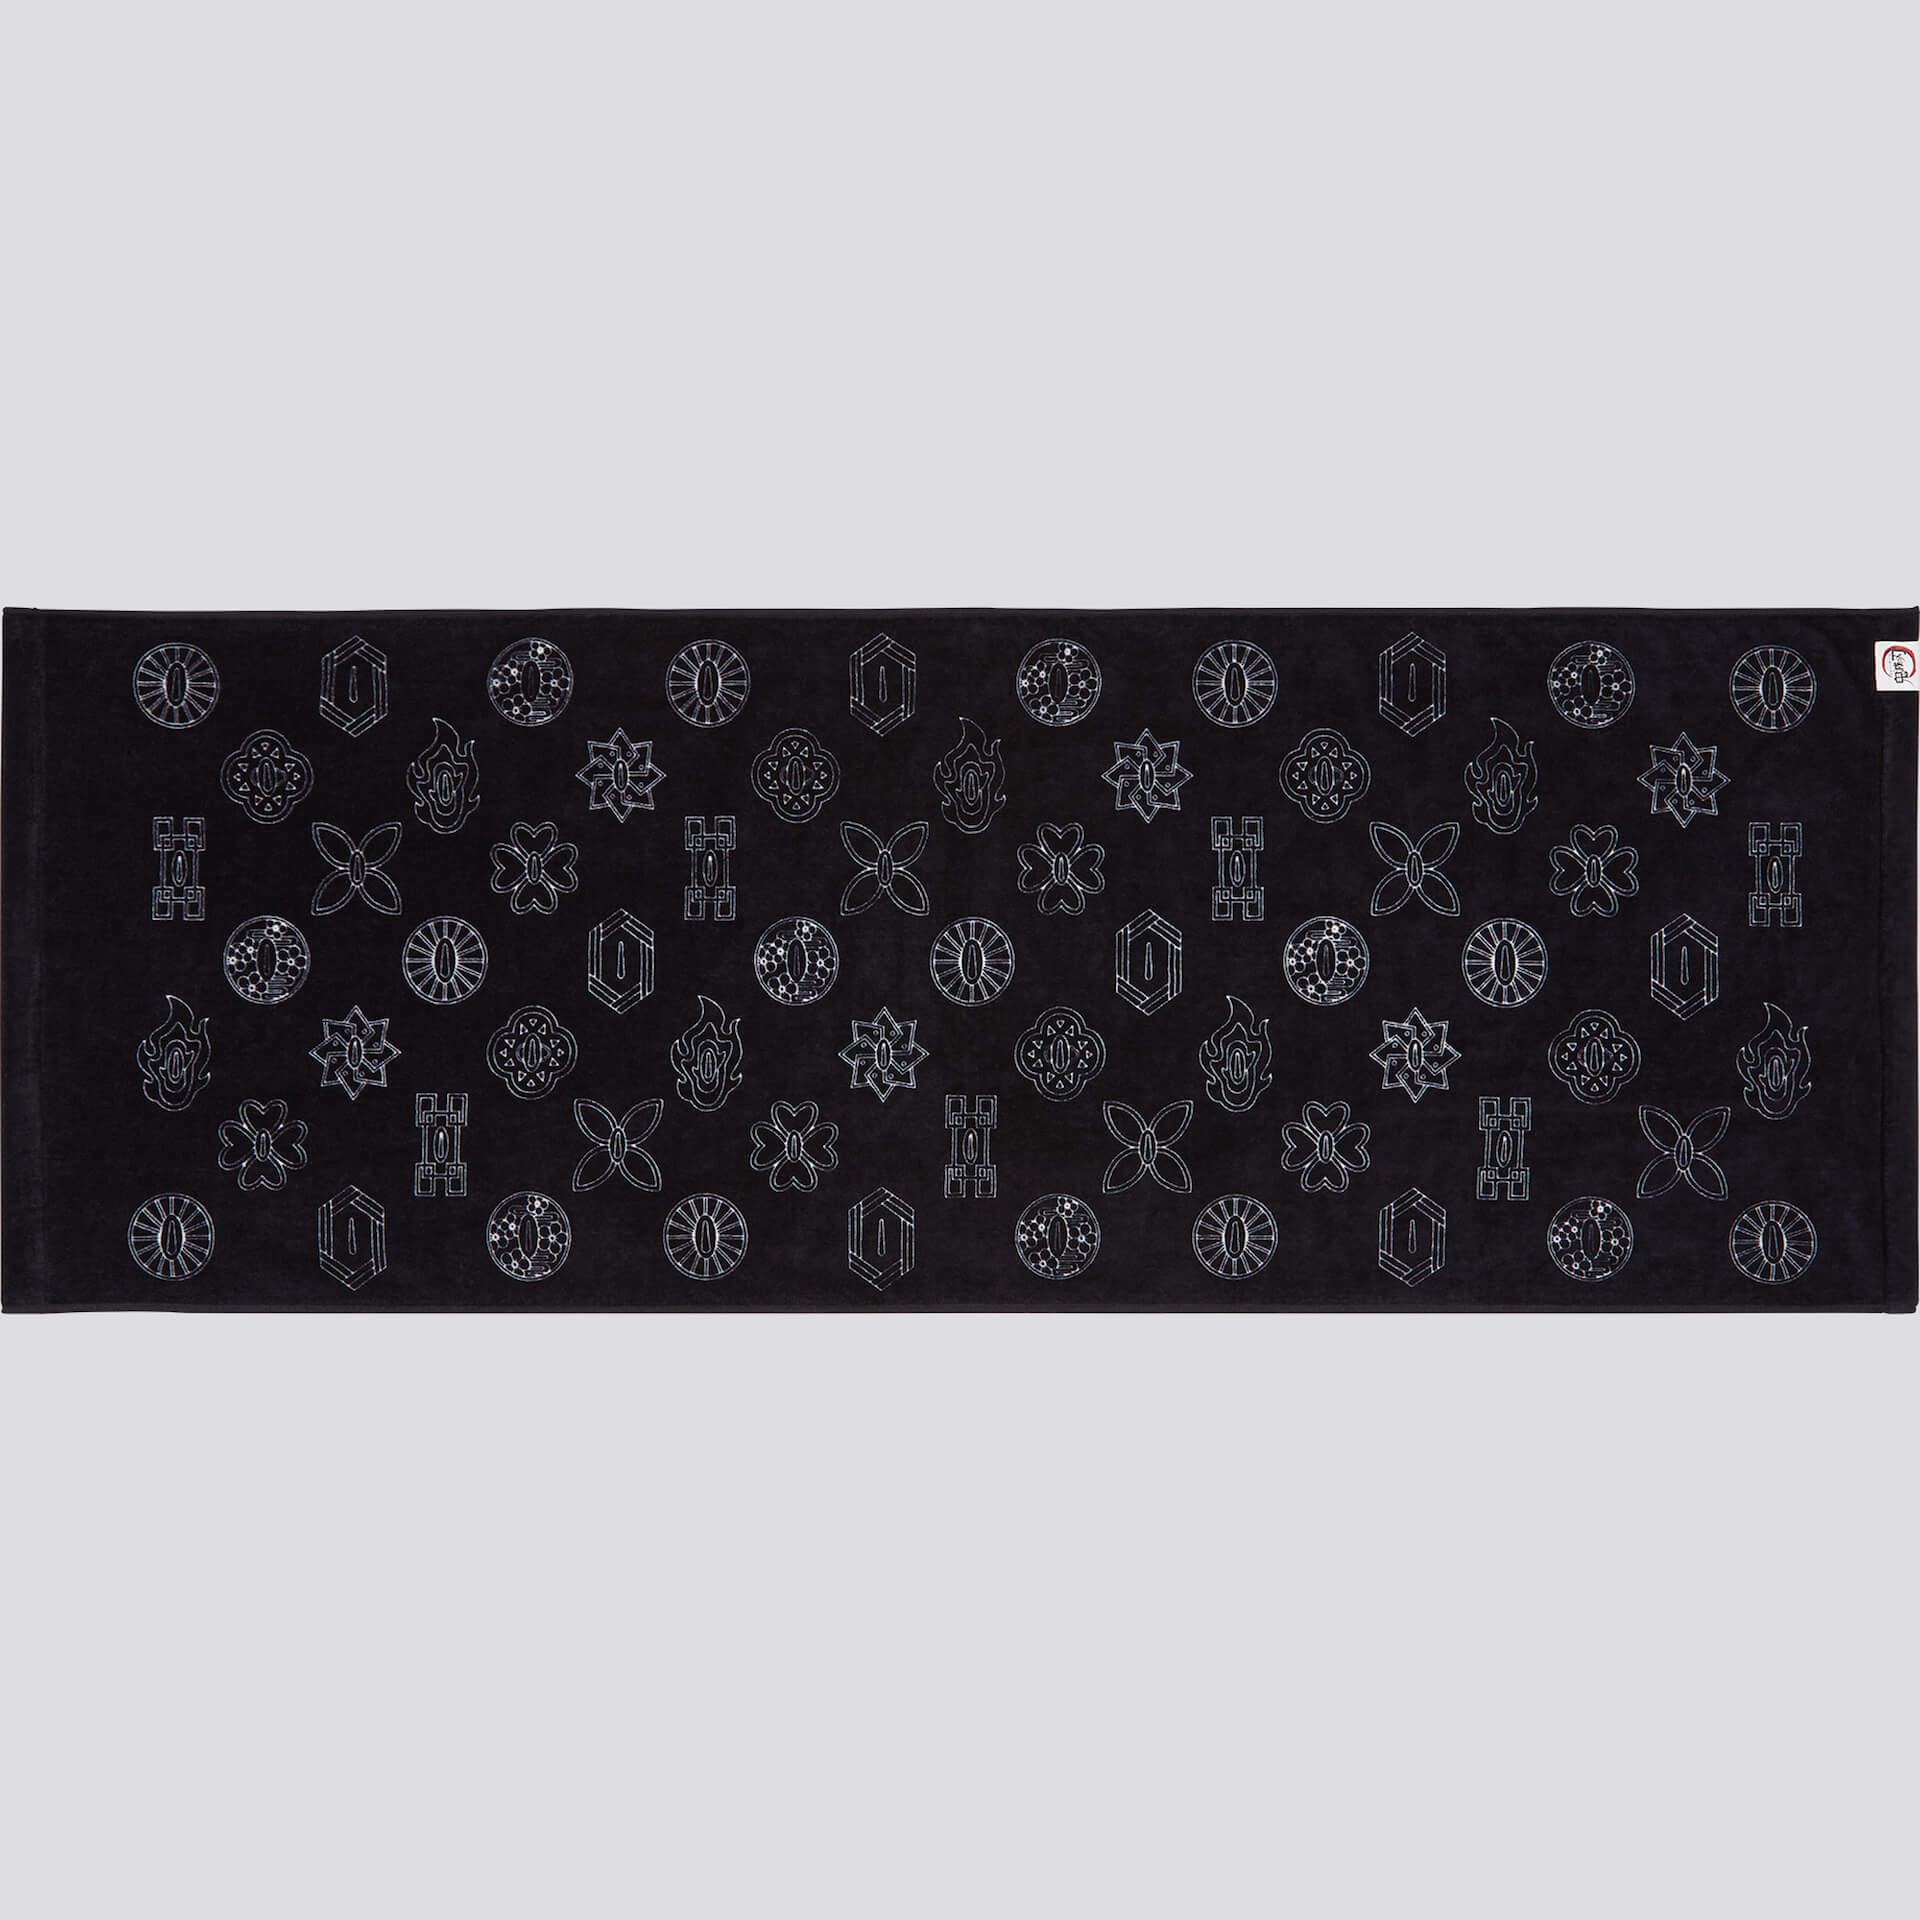 『鬼滅の刃』とユニクロ「UT」コラボ第2弾のコレクションがついに発表!着物や鍔をイメージしたバッグ&タオルも登場 life200817_kimetsu_ut_19